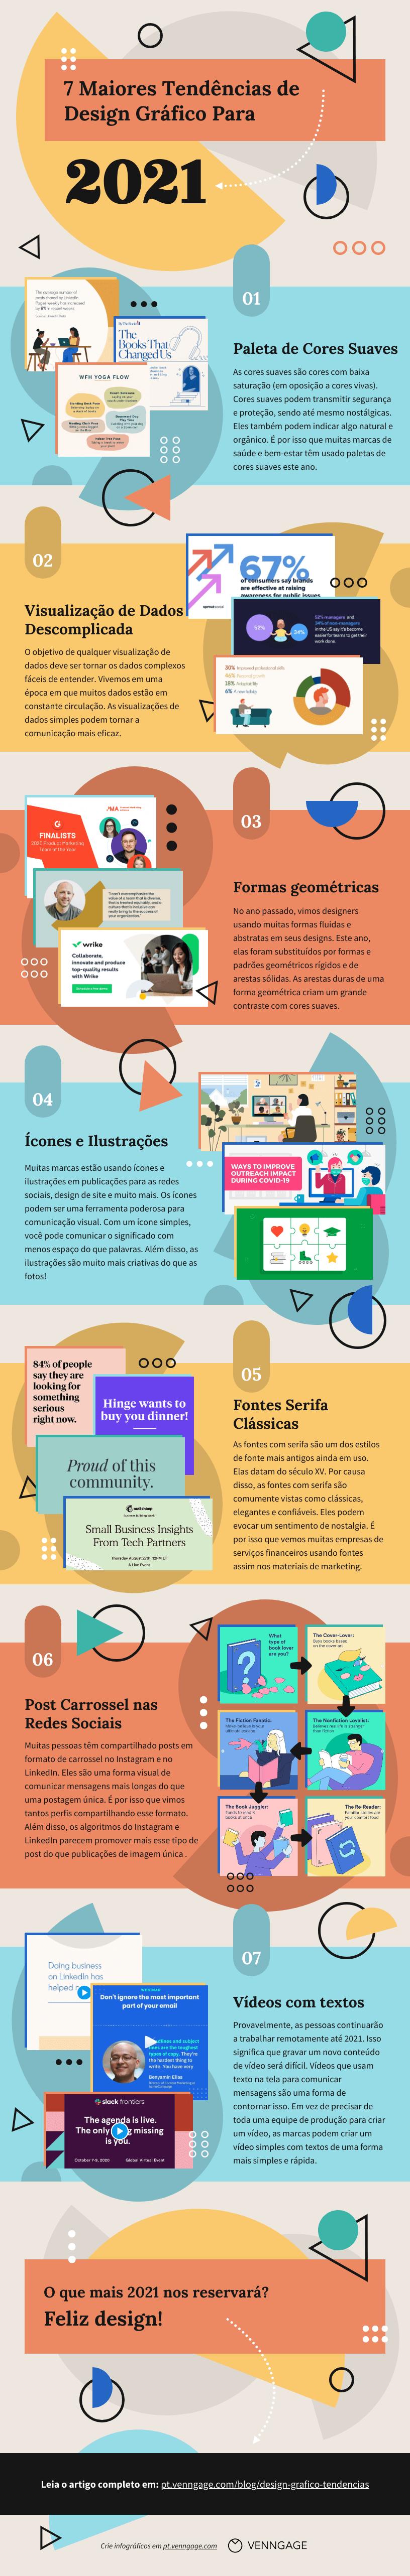 tendências de design gráfico infografico